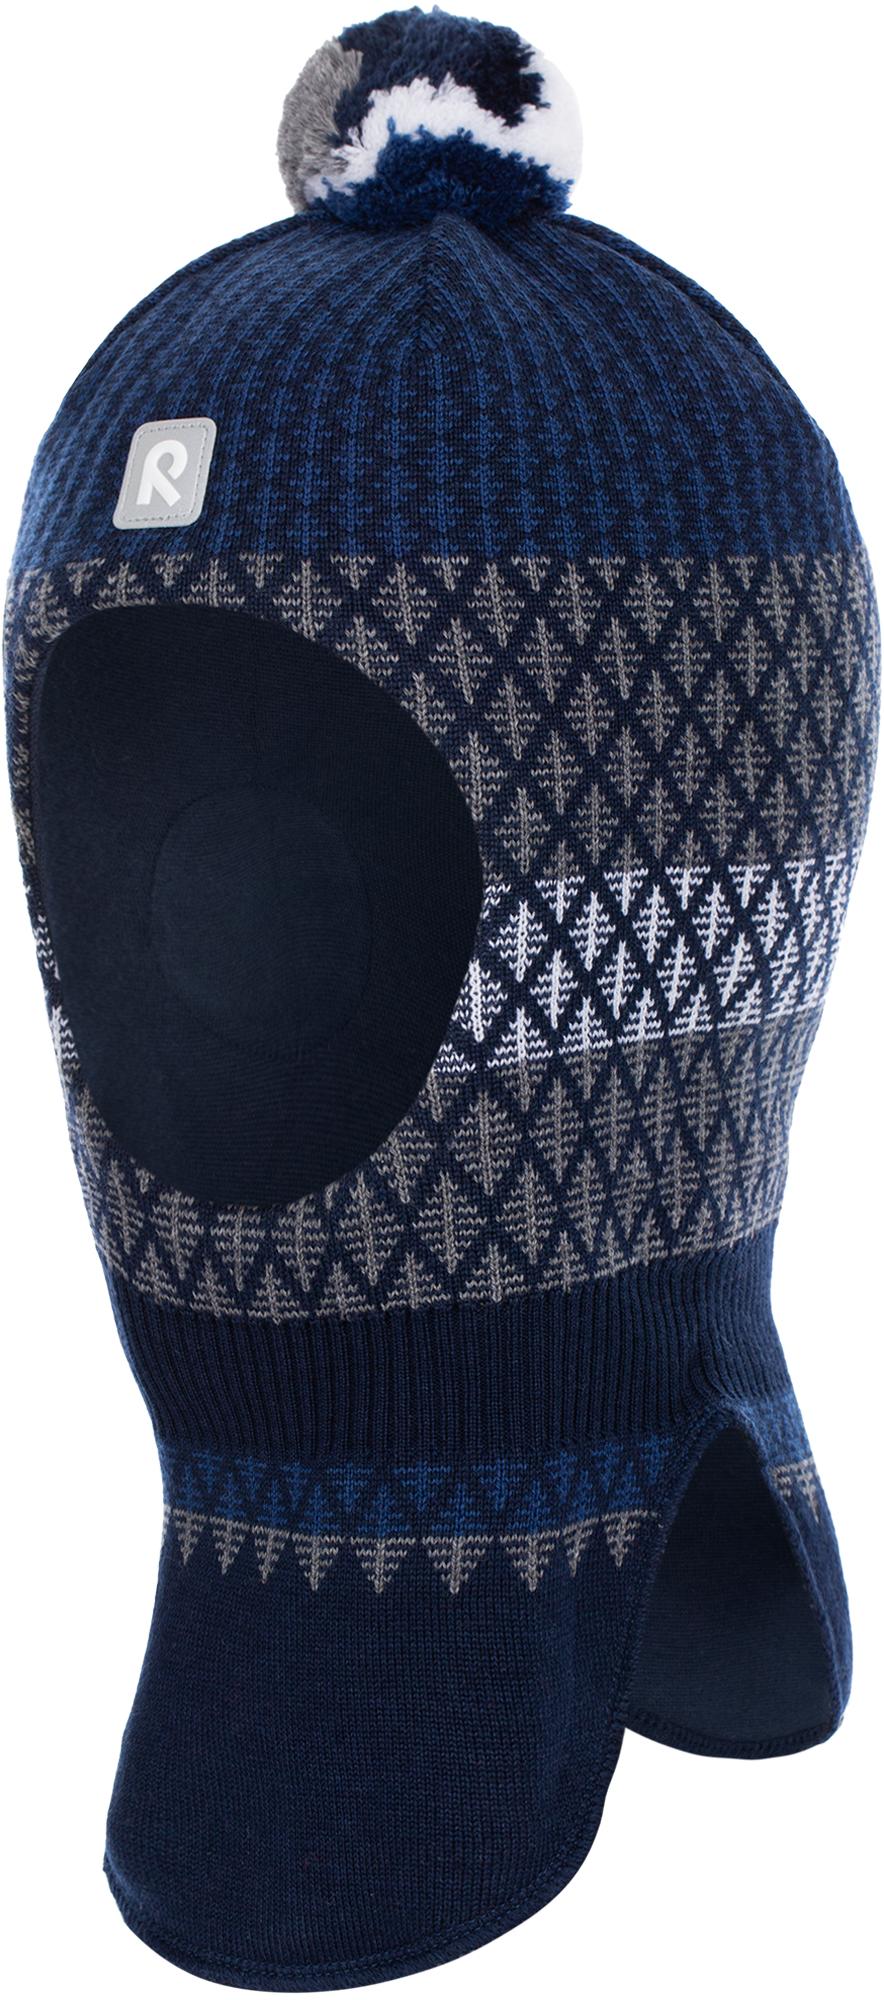 Фото - Reima Шапка-шлем для мальчиков Reima Valittu, размер 54 шапка reima reima re883cbadqd3